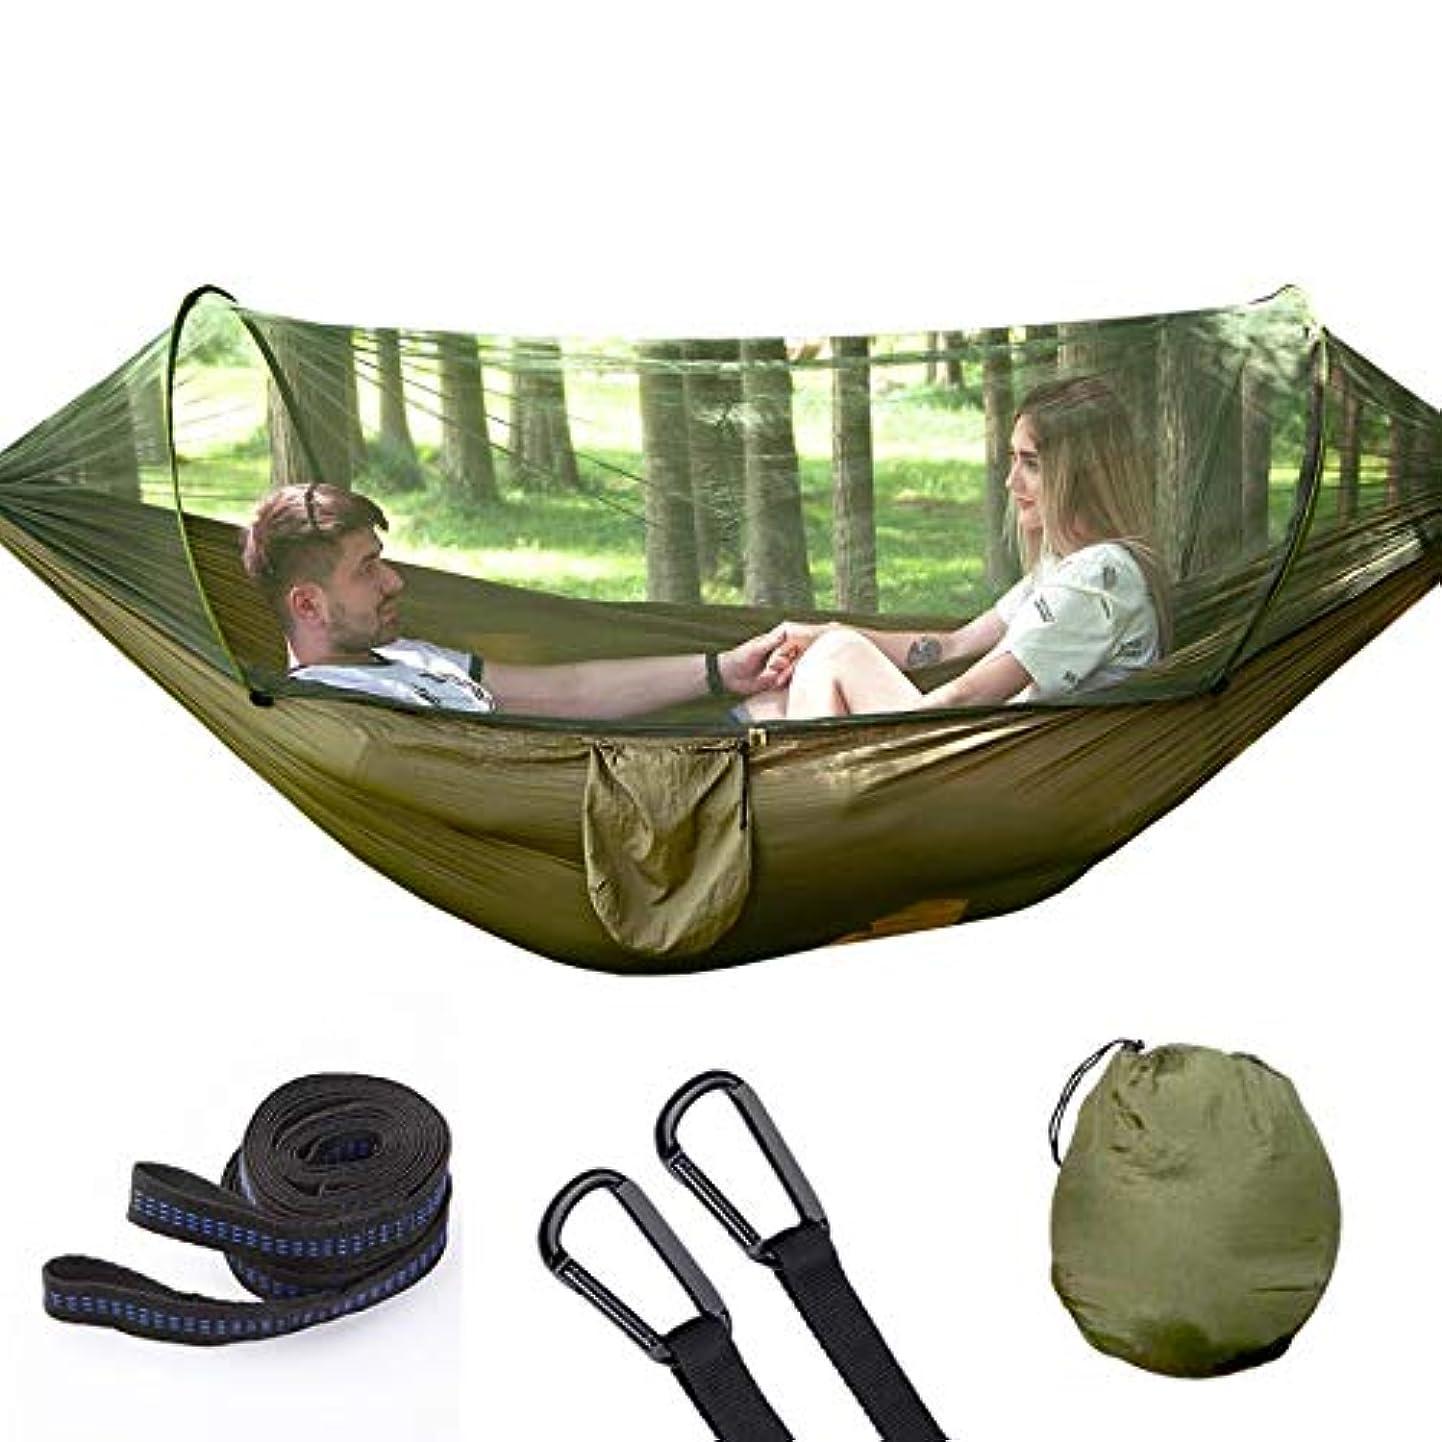 無数の改善するために2人キャンプ用蚊帳付きハンモック、300kg積載量、アウトドアに最適、ハイキング、バックパッキング、旅行,ArmyGreen,250*120cm